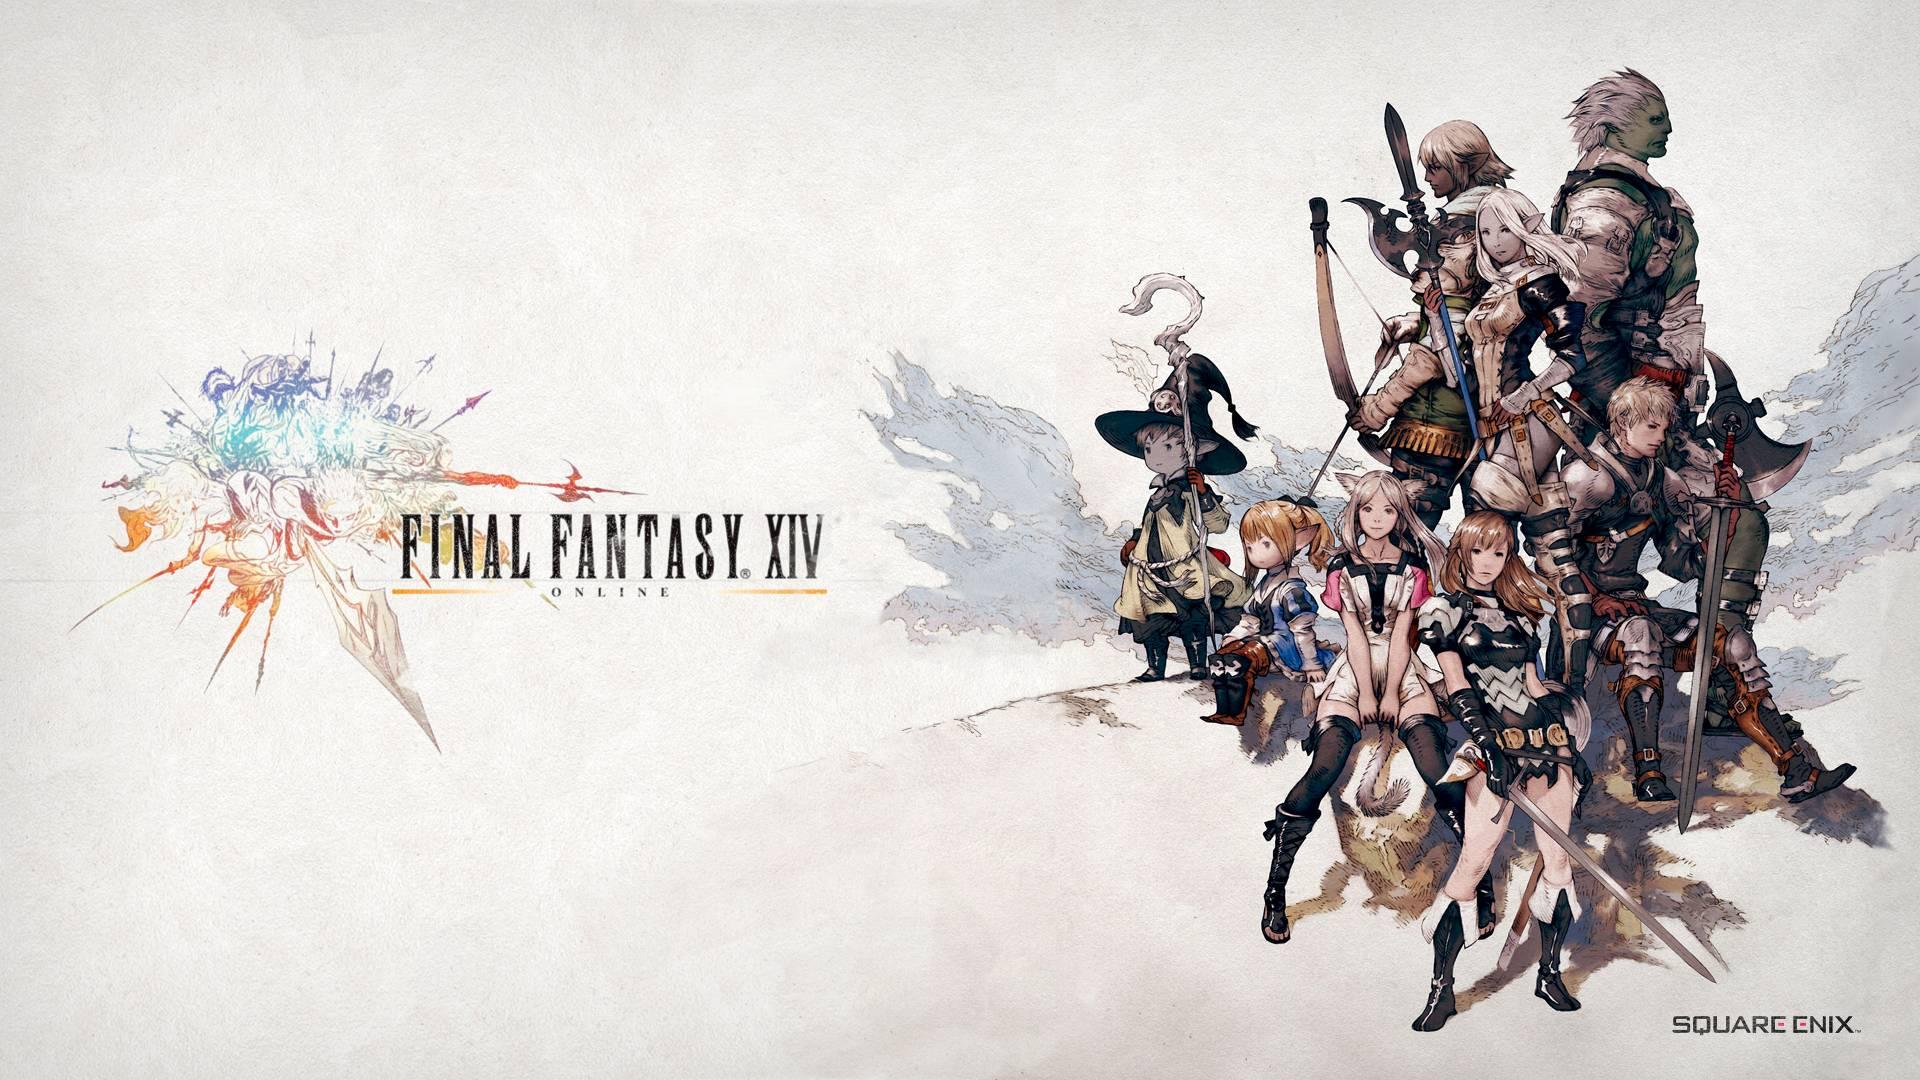 Nueva actualización Final Fantasy XIV